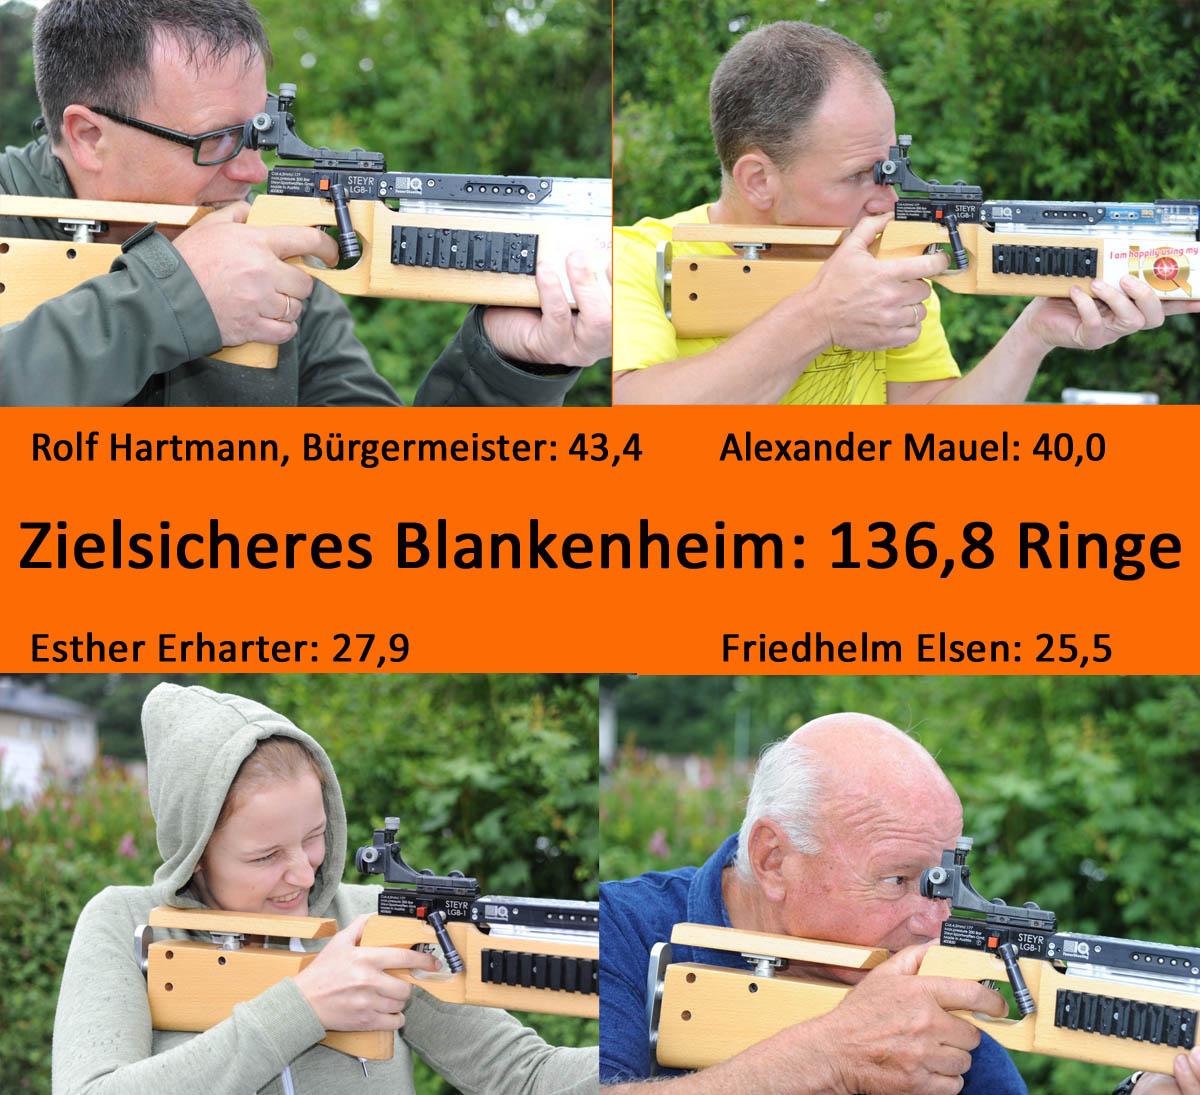 Zielsicheres_blankenheim_bearbeitet-1